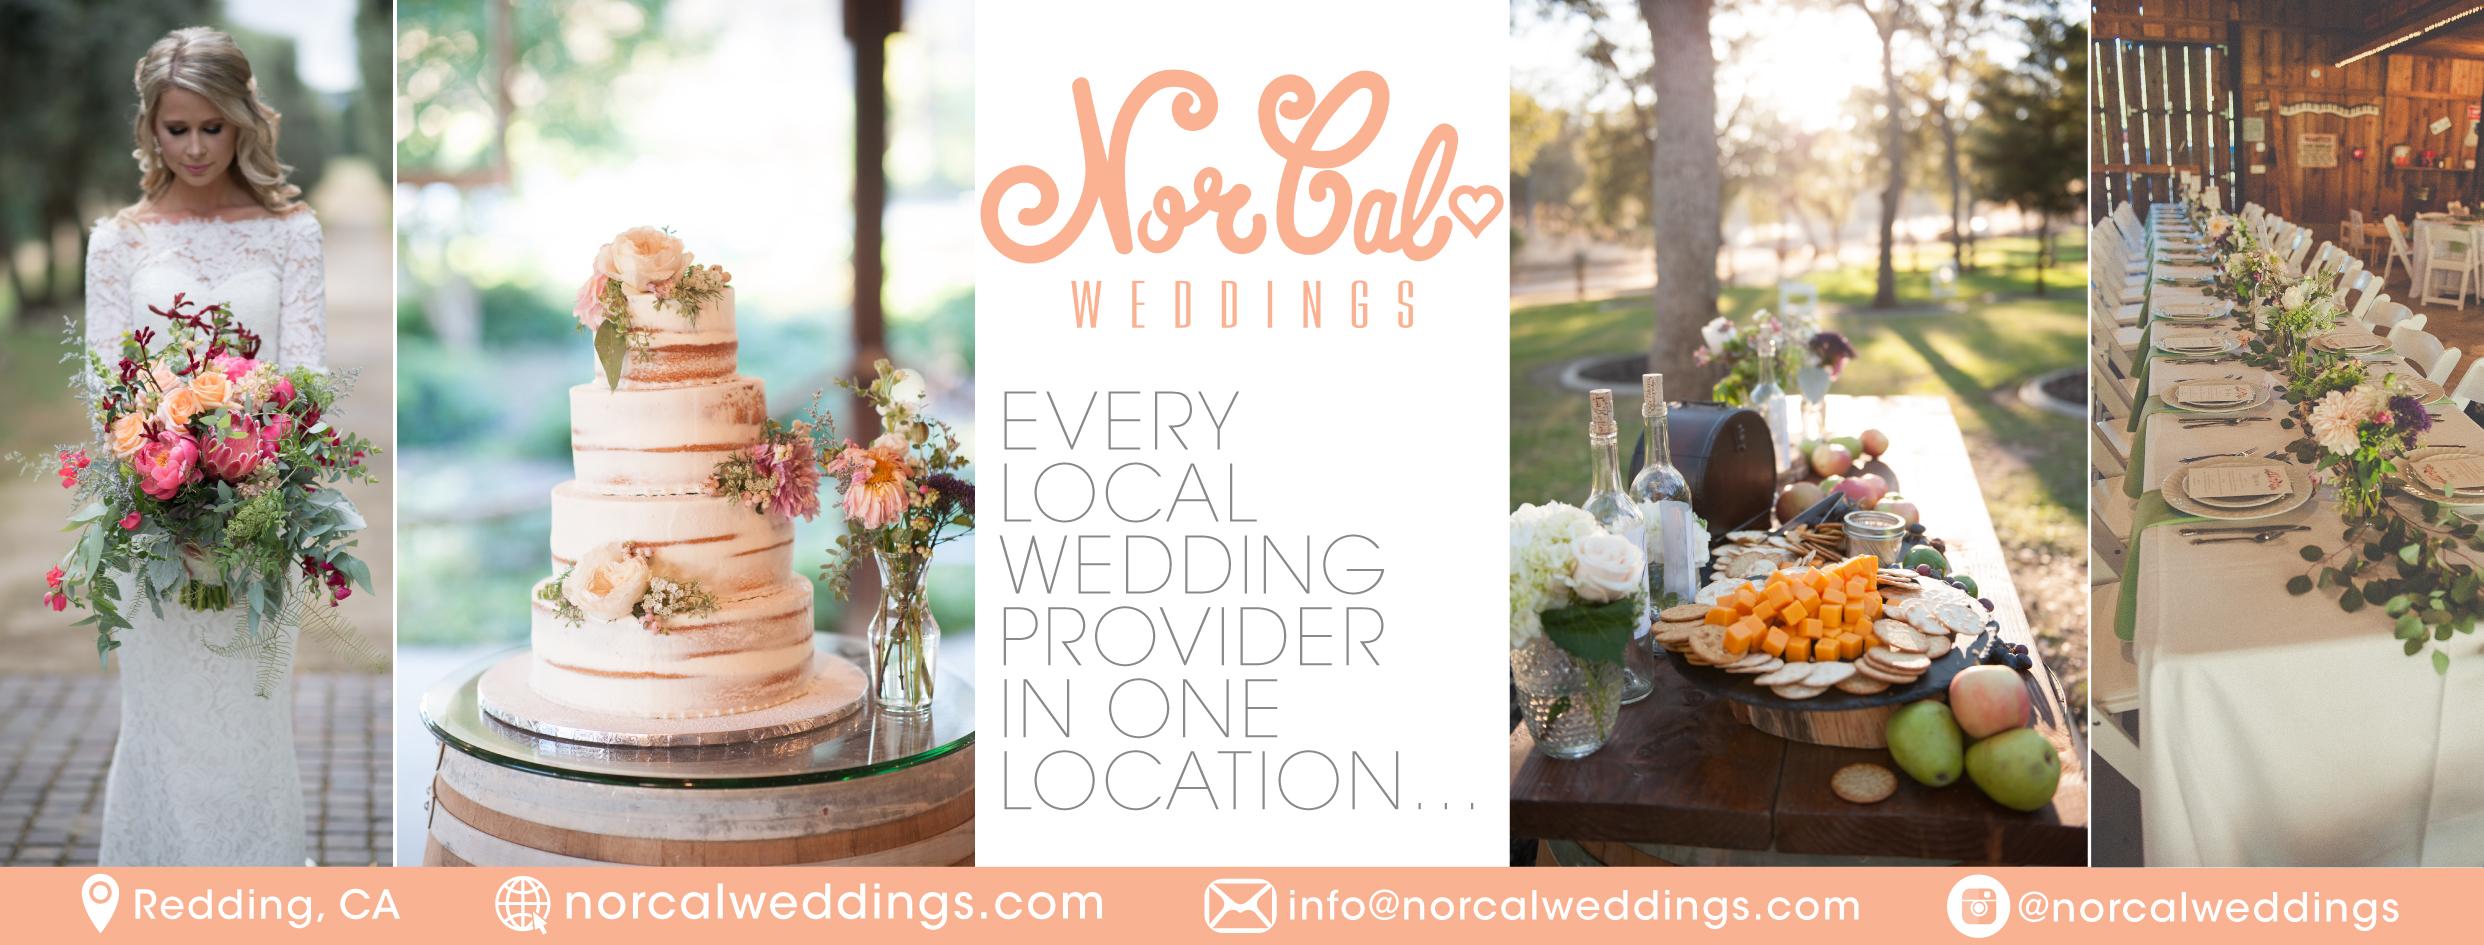 Wedding Invitations Redding CA.jpg